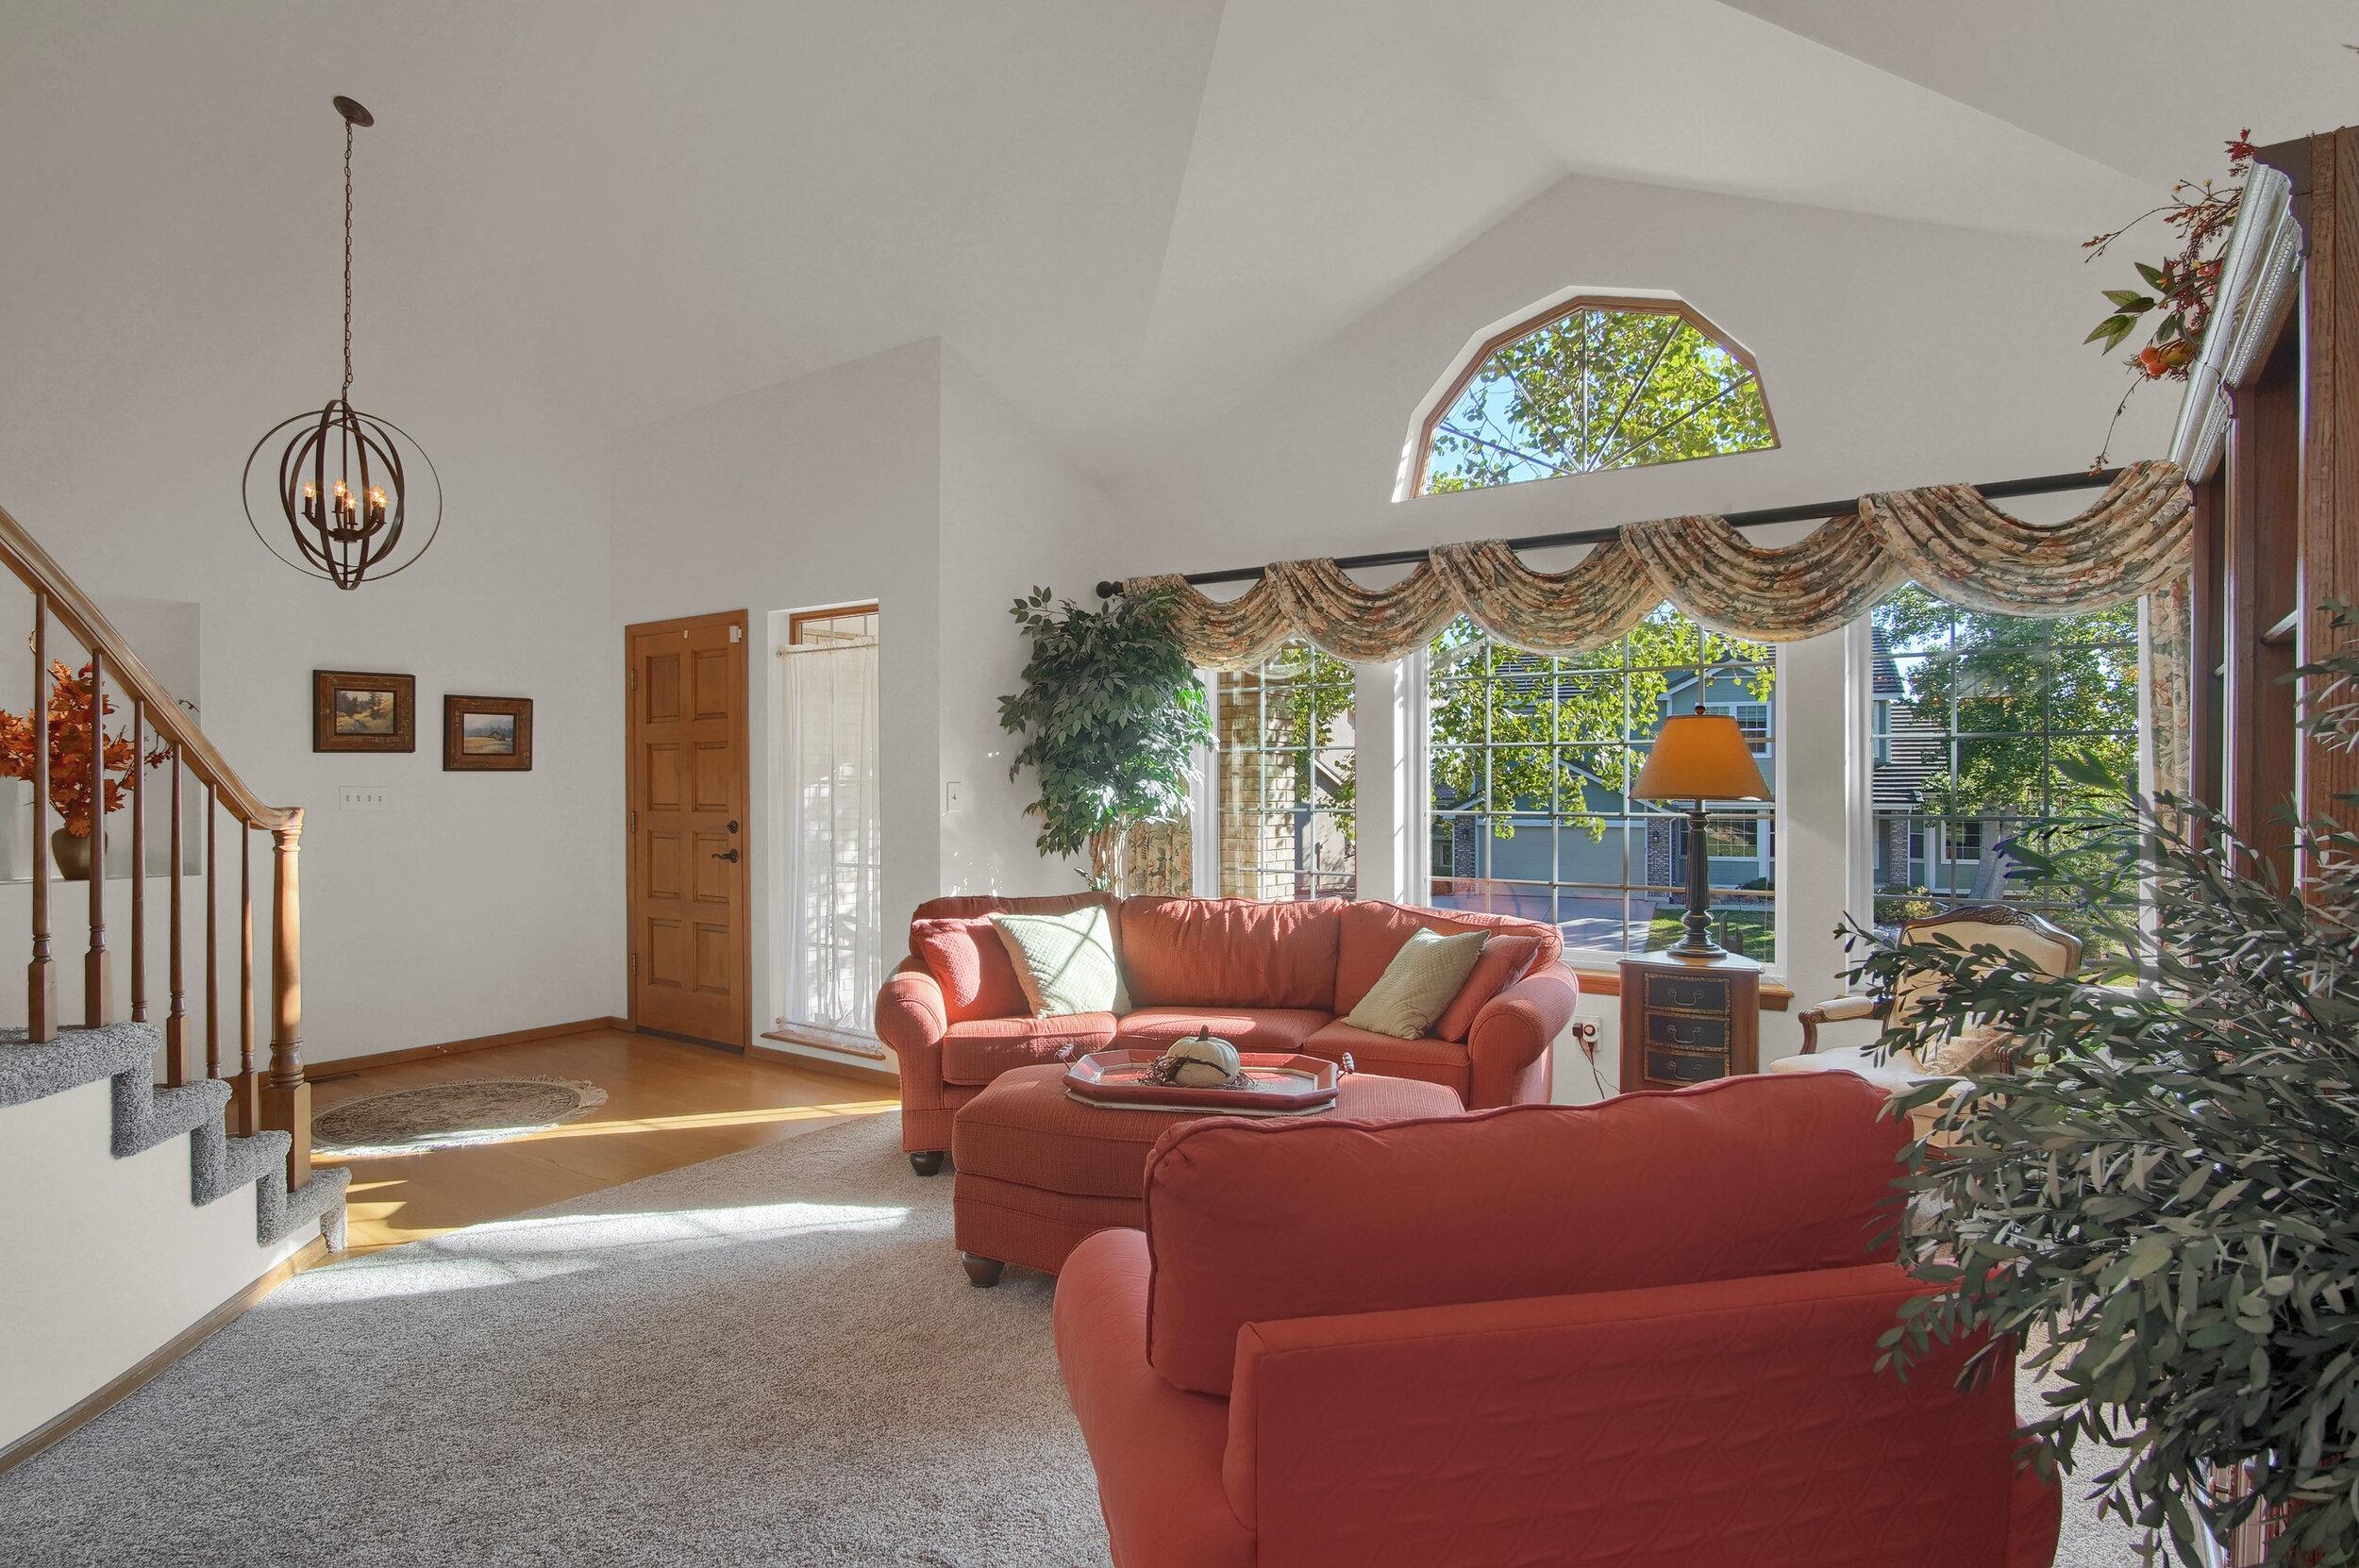 4919 Nightshade Cir Colorado-print-013-003-Living Room-3008x2000-300dpi.jpg